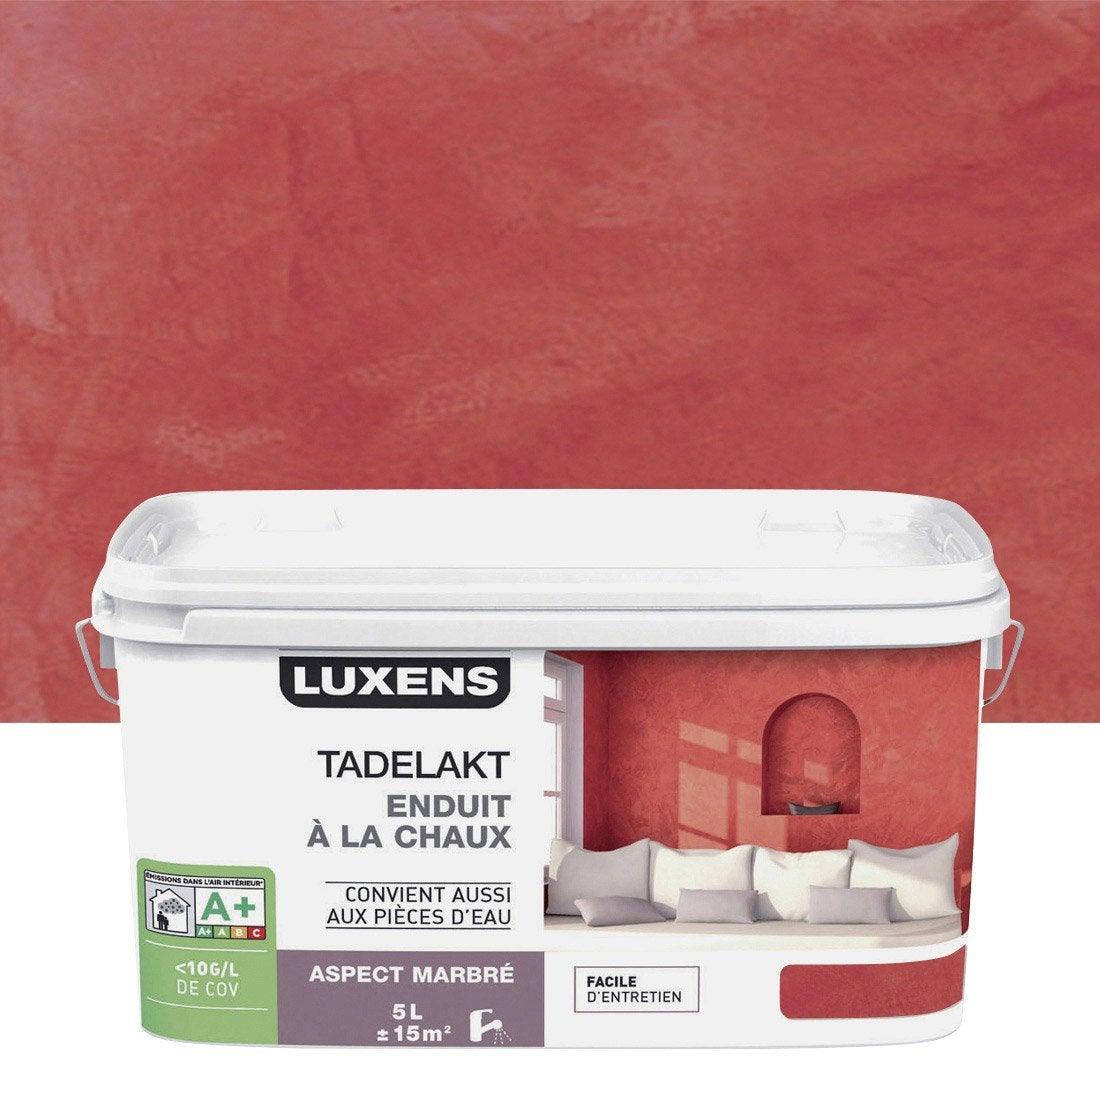 enduit d coratif tadelakt luxens rouge rouge 3 5 l leroy merlin. Black Bedroom Furniture Sets. Home Design Ideas